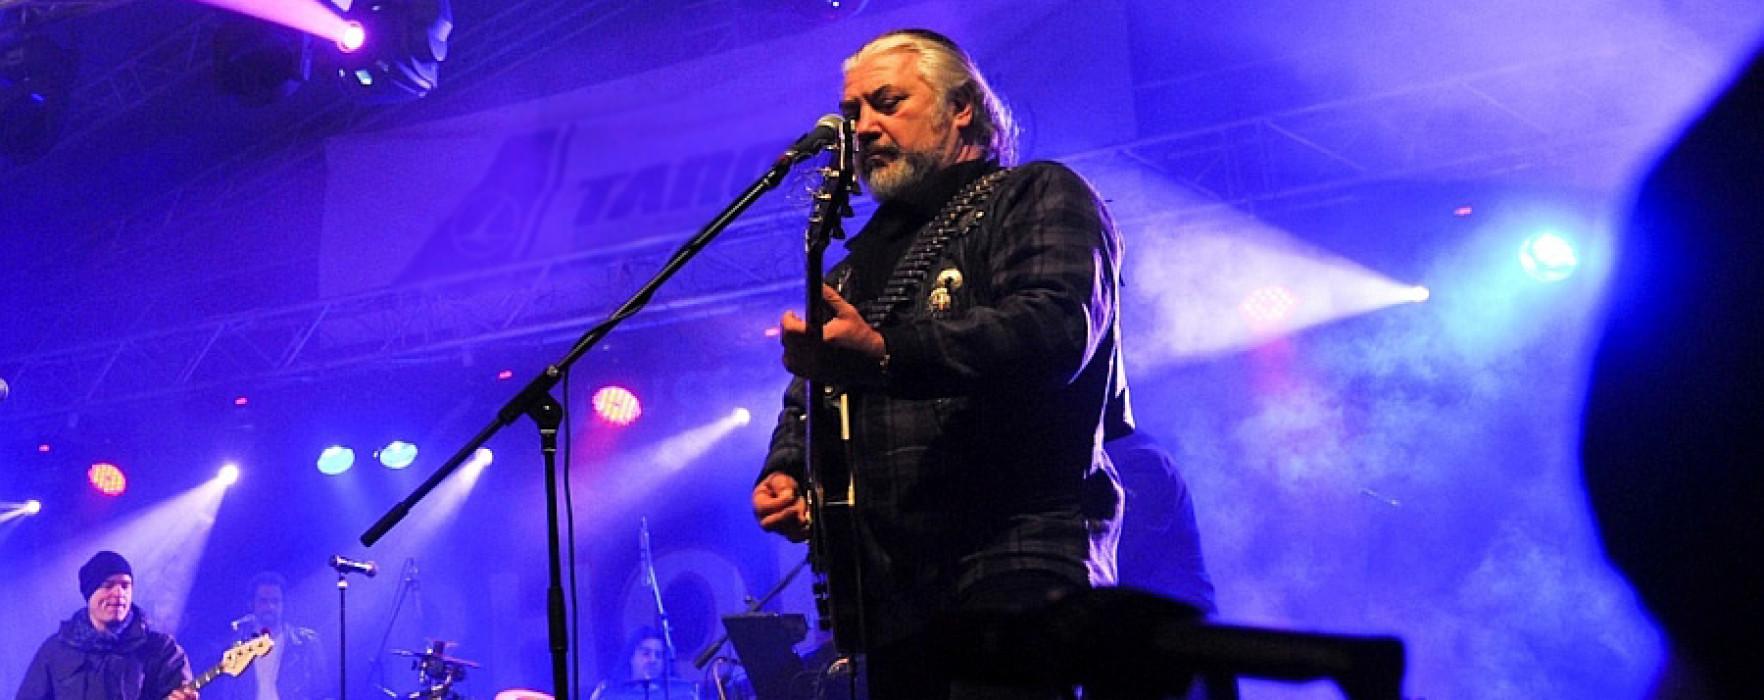 Concert Phoenix, în iunie, la Festivalul Dracula de la Târgovişte